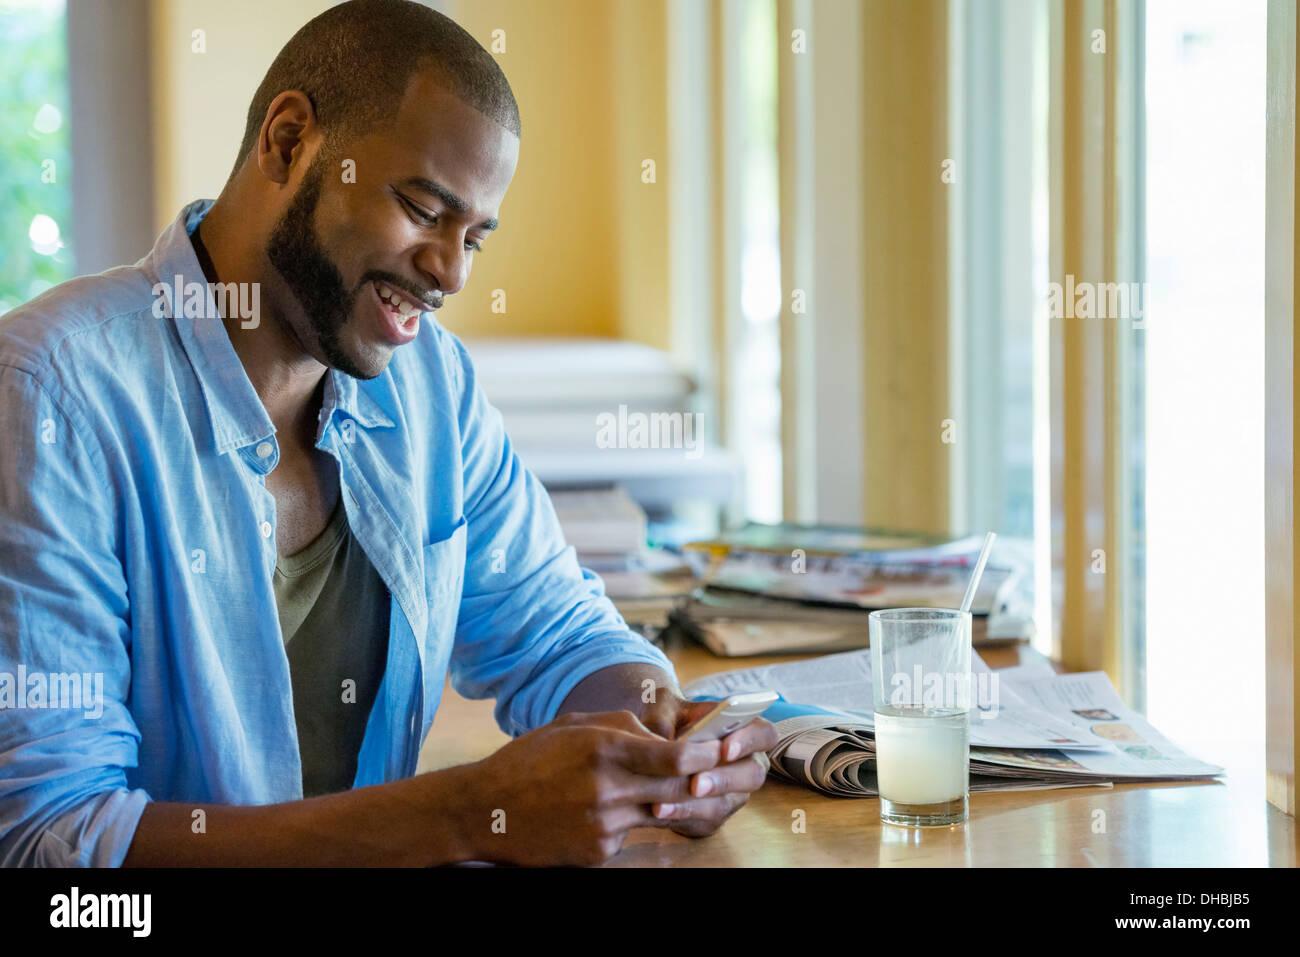 Un hombre sentado solo en un café, con su teléfono inteligente. Imagen De Stock